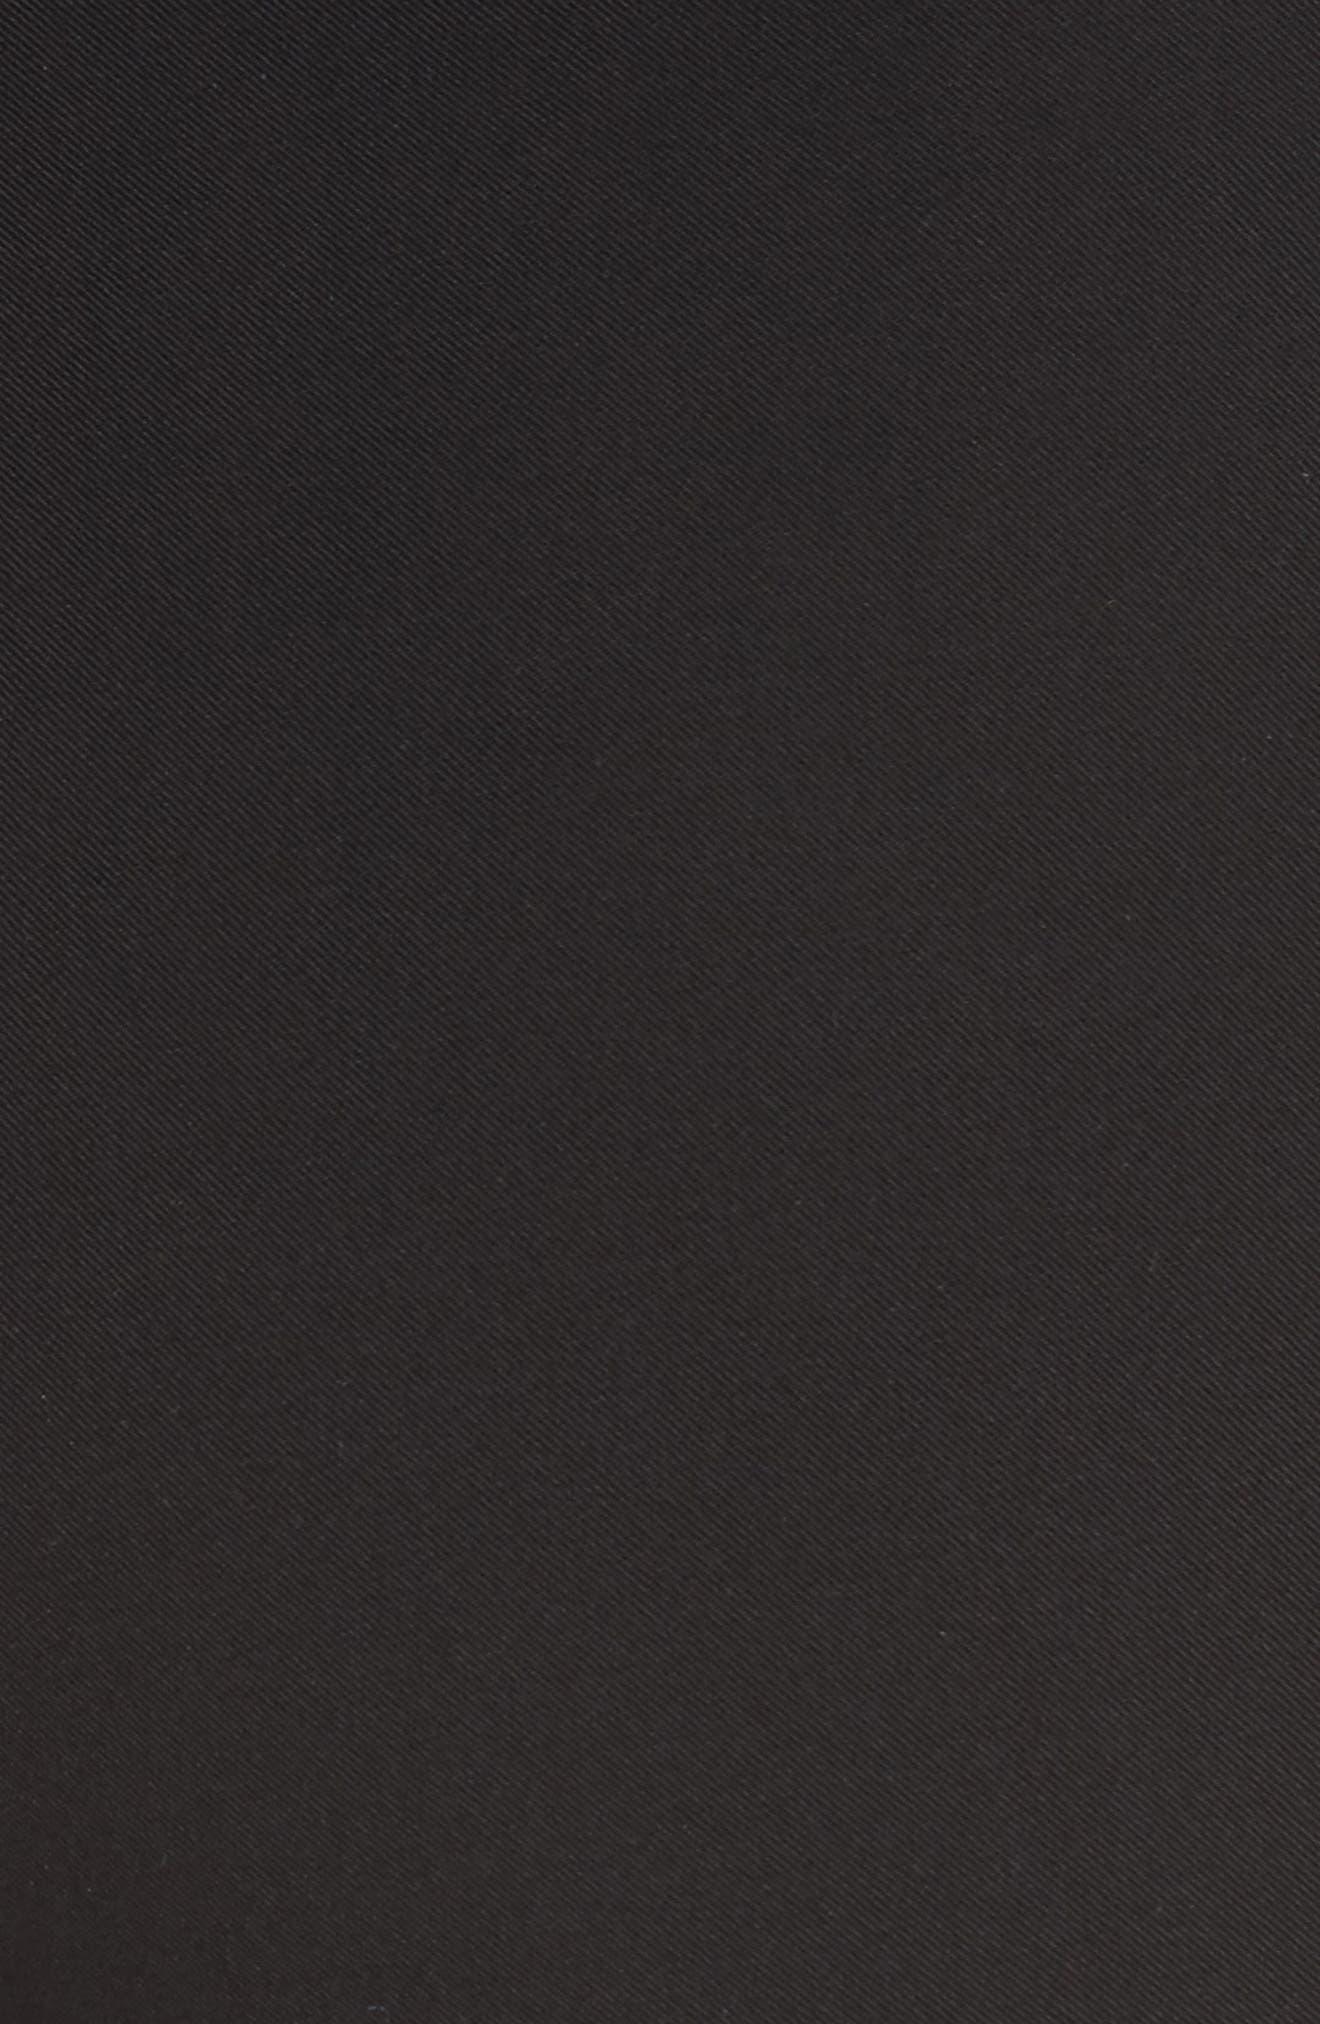 Lenny Slim Stretch Cotton Pants,                             Alternate thumbnail 5, color,                             001